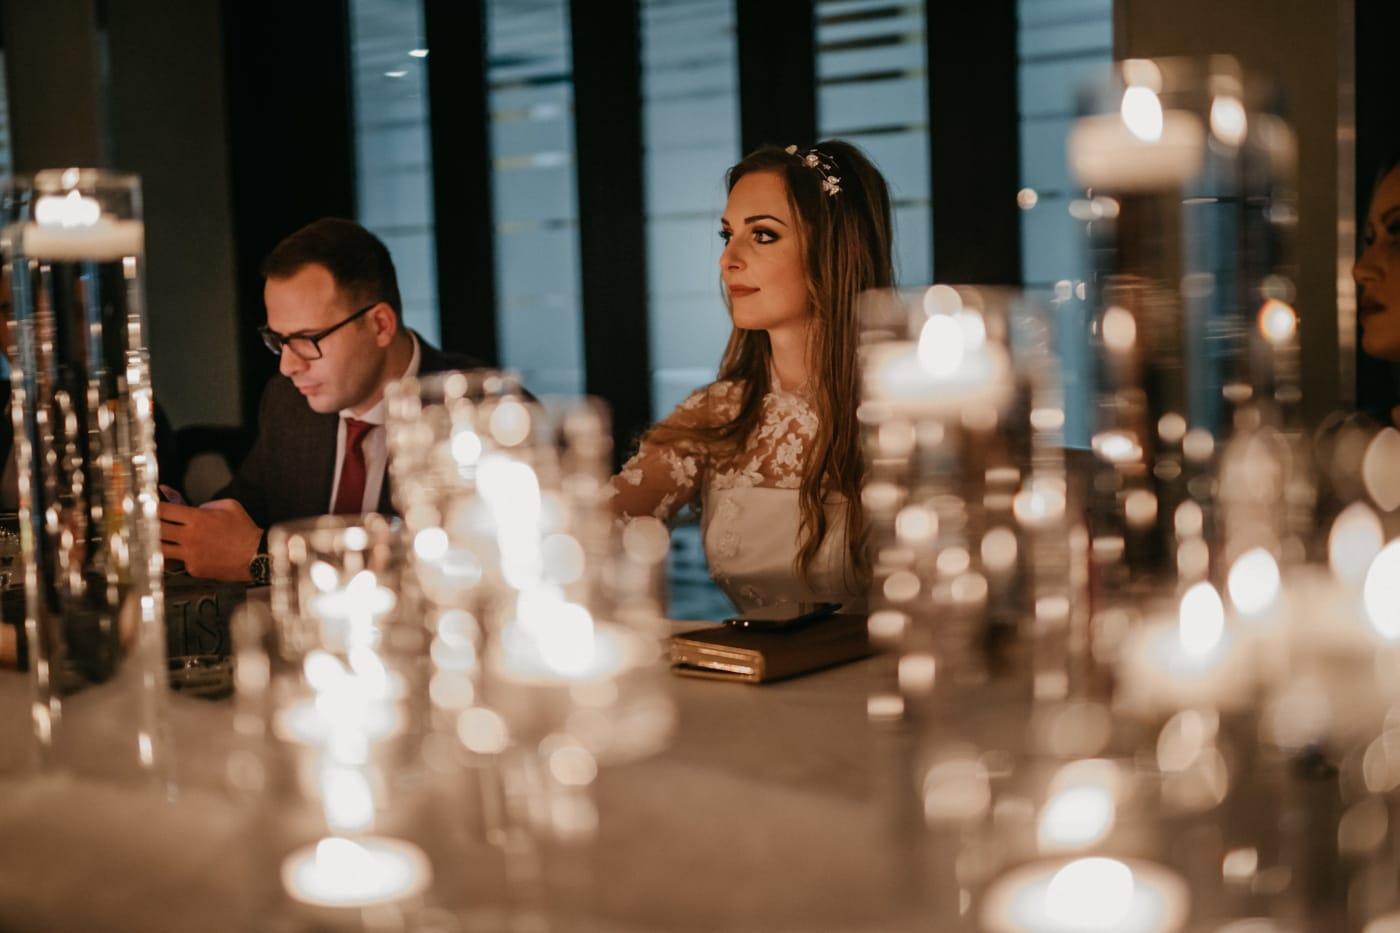 middagsbordet, romantisk date, stearinlys, levende lys, romantisk, kjæreste, kjæreste, par, kvinne, mann